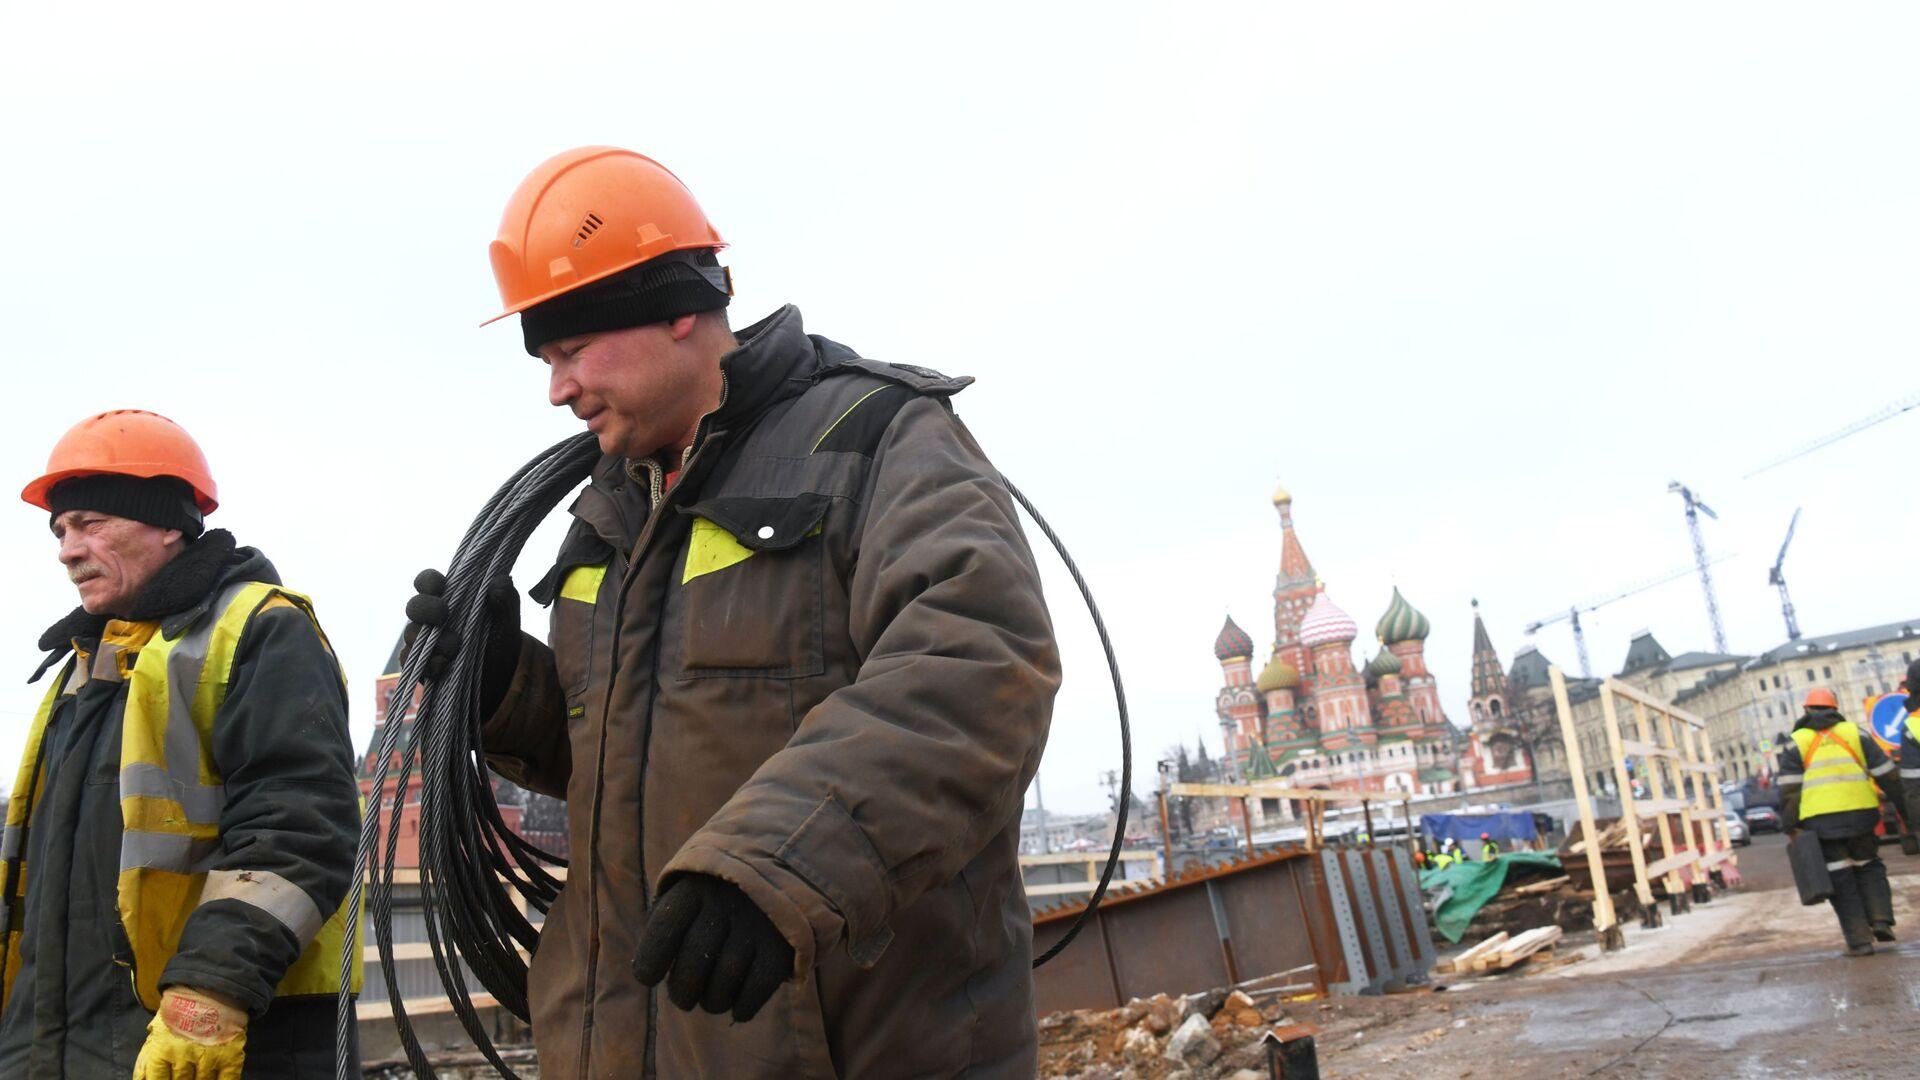 Рабочие во время ремонтных работ на Москворецком мосту в Москве - РИА Новости, 1920, 18.03.2020